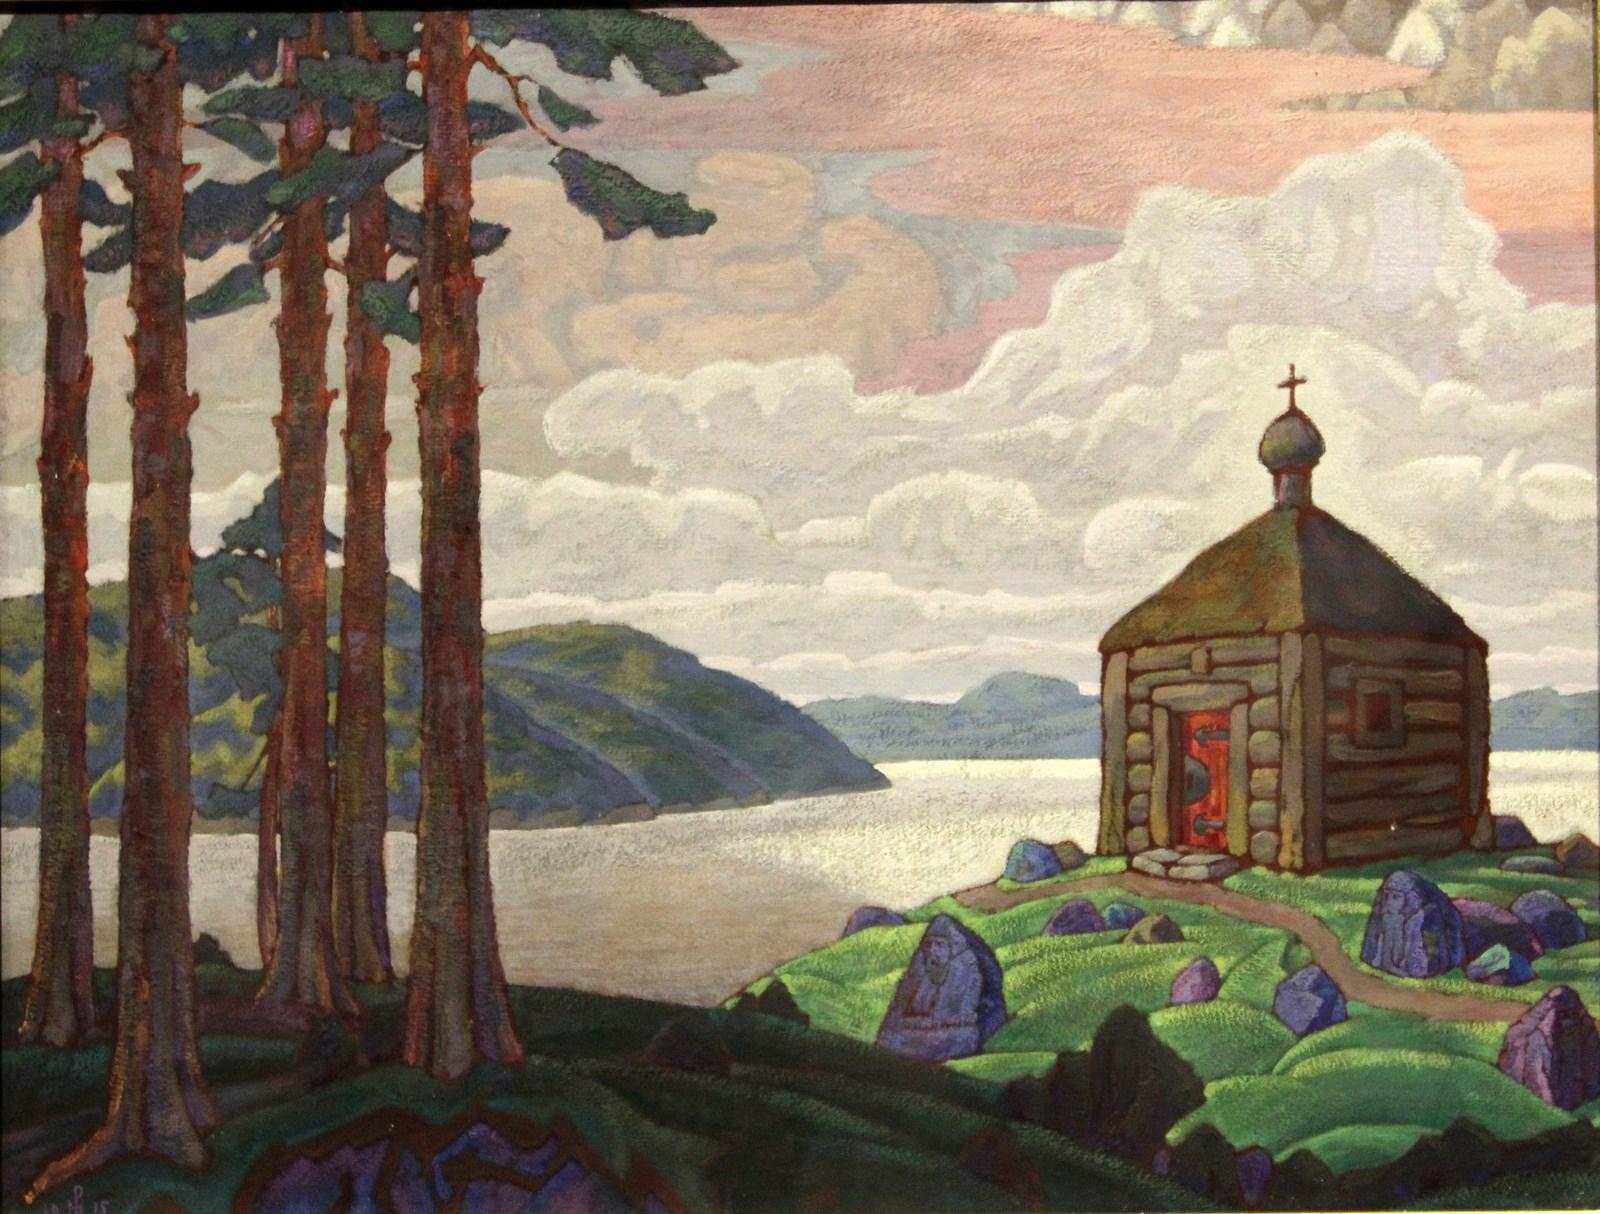 Рерих Н.К. 1874-1947 Пейзаж с часовней. 1915 Картон, темпера. Национальный художественный музей Республики Беларусь.